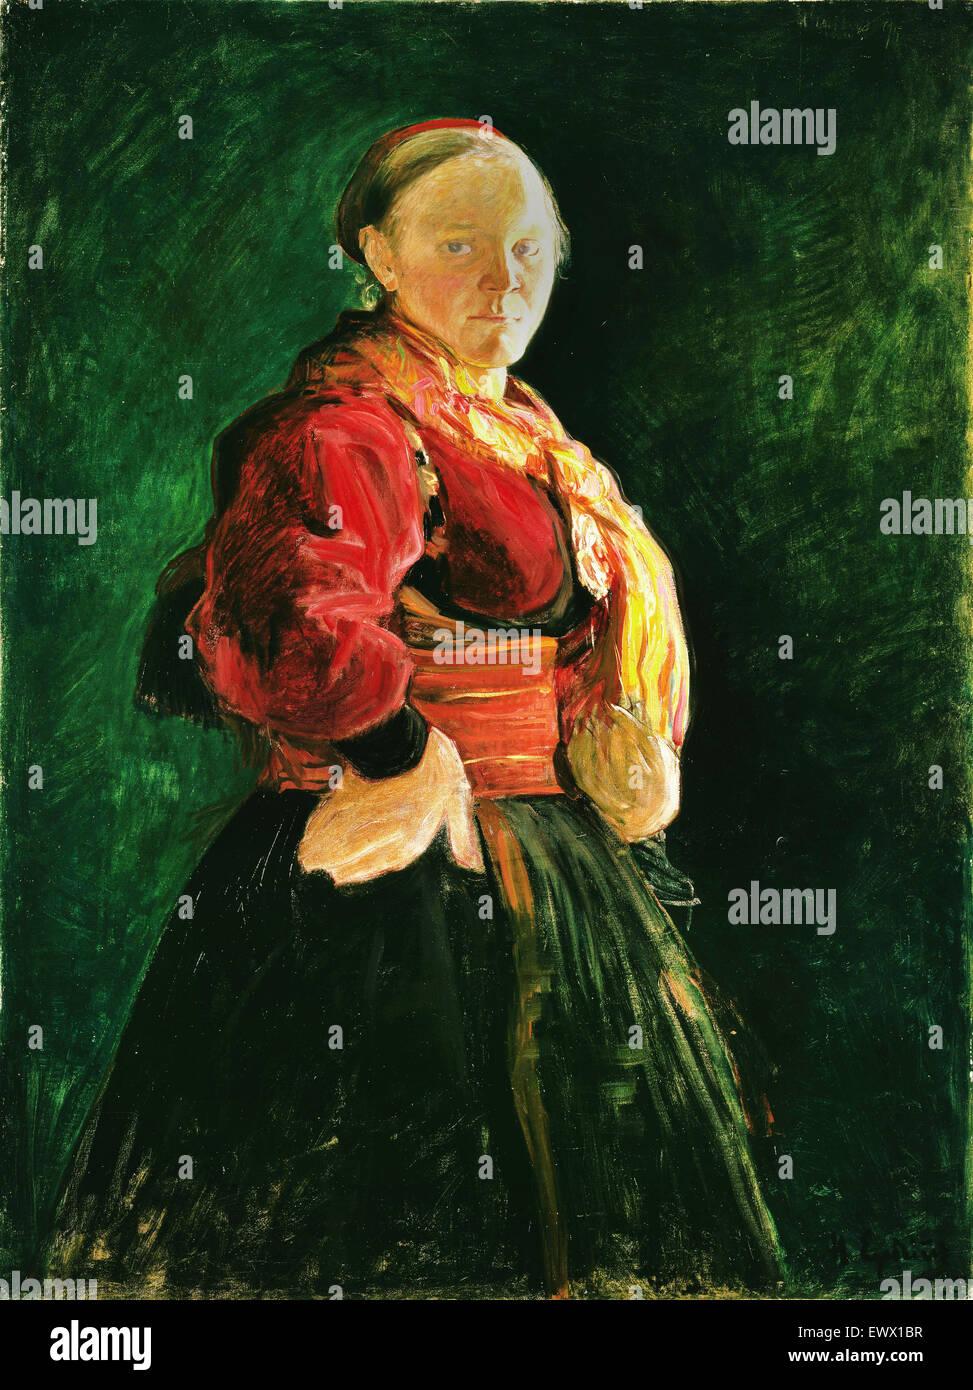 Halfdan Egedius, Portrait de Mari Clasen 1895 Huile sur toile. Musée national d'Art, Architecture et Design, Photo Stock